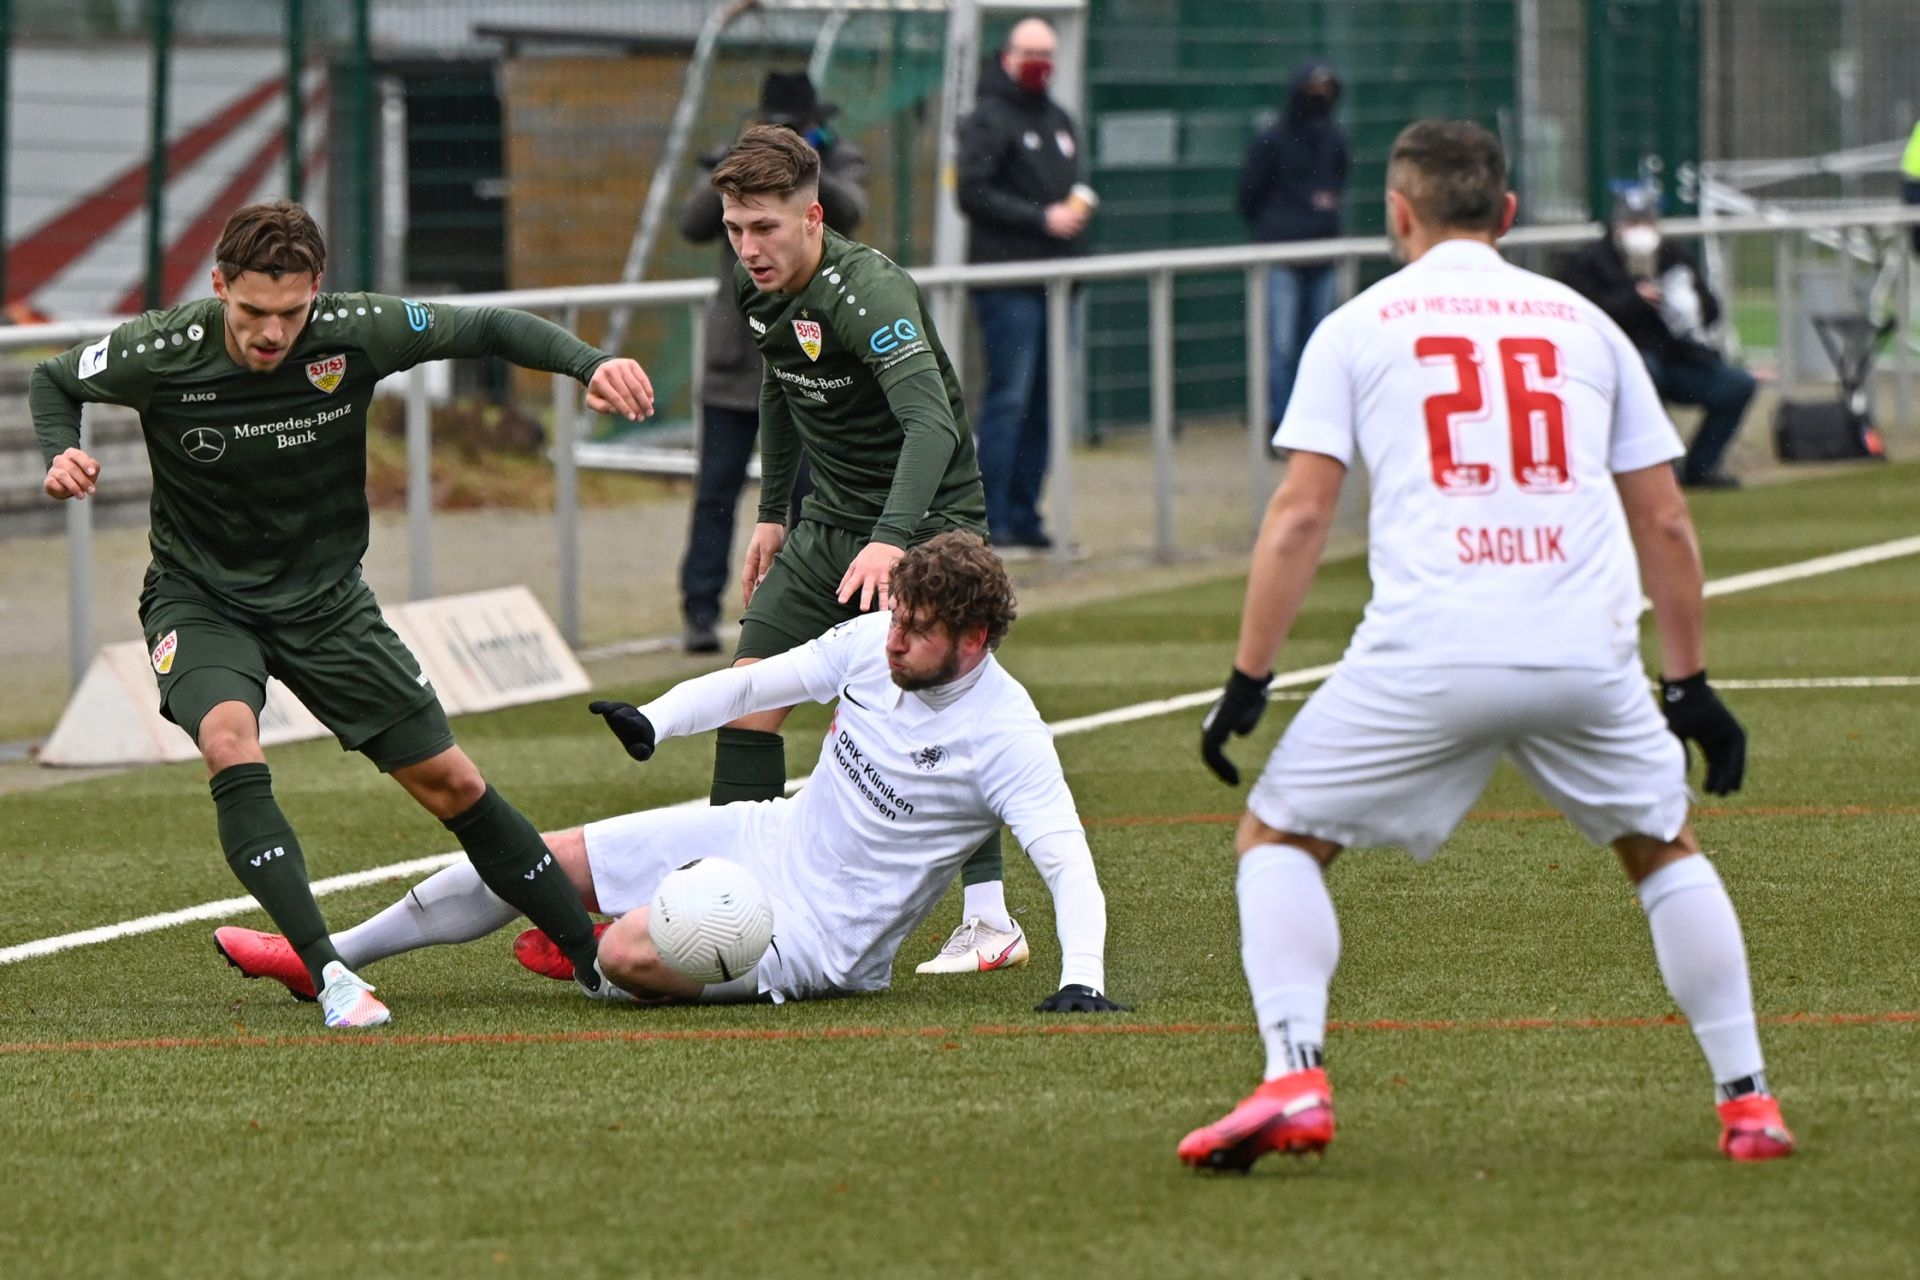 Regionalliga Südwest 2020/21, KSV Hessen Kassel, VfB Stuttgart II, Endstand 0:4, Merle, Saglik